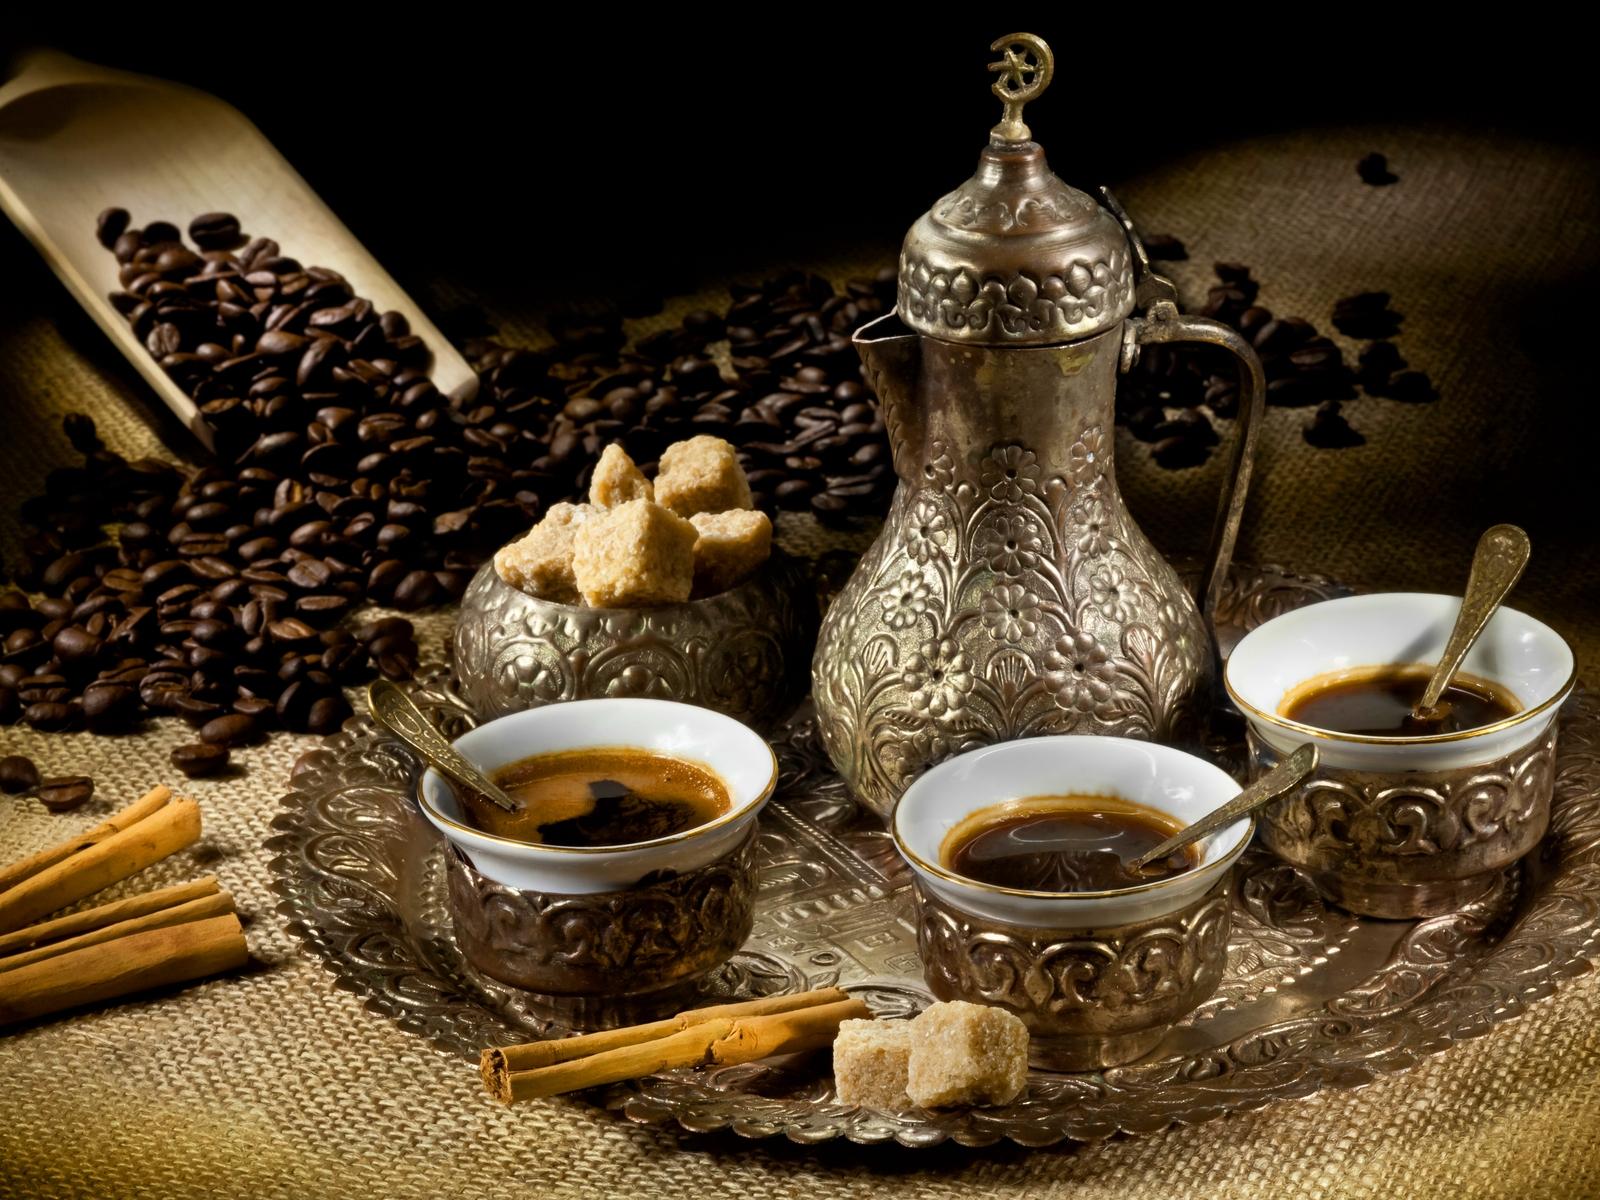 طريقة إعداد القهوة العربية وفوائدها